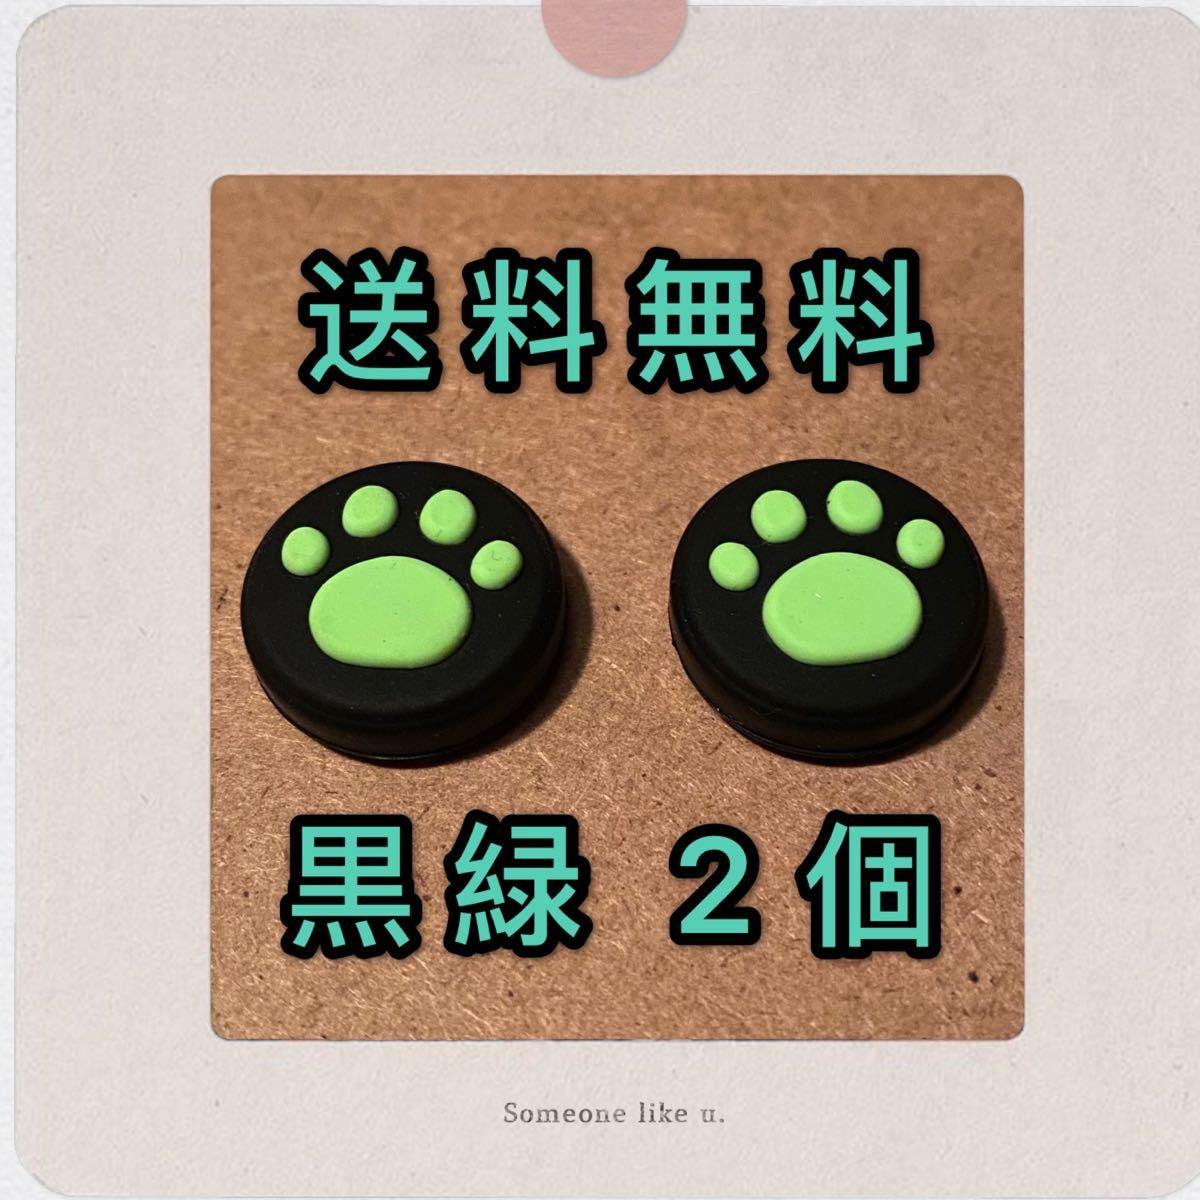 スイッチ 肉球 猫 ジョイコンスティックカバー 黒緑2個